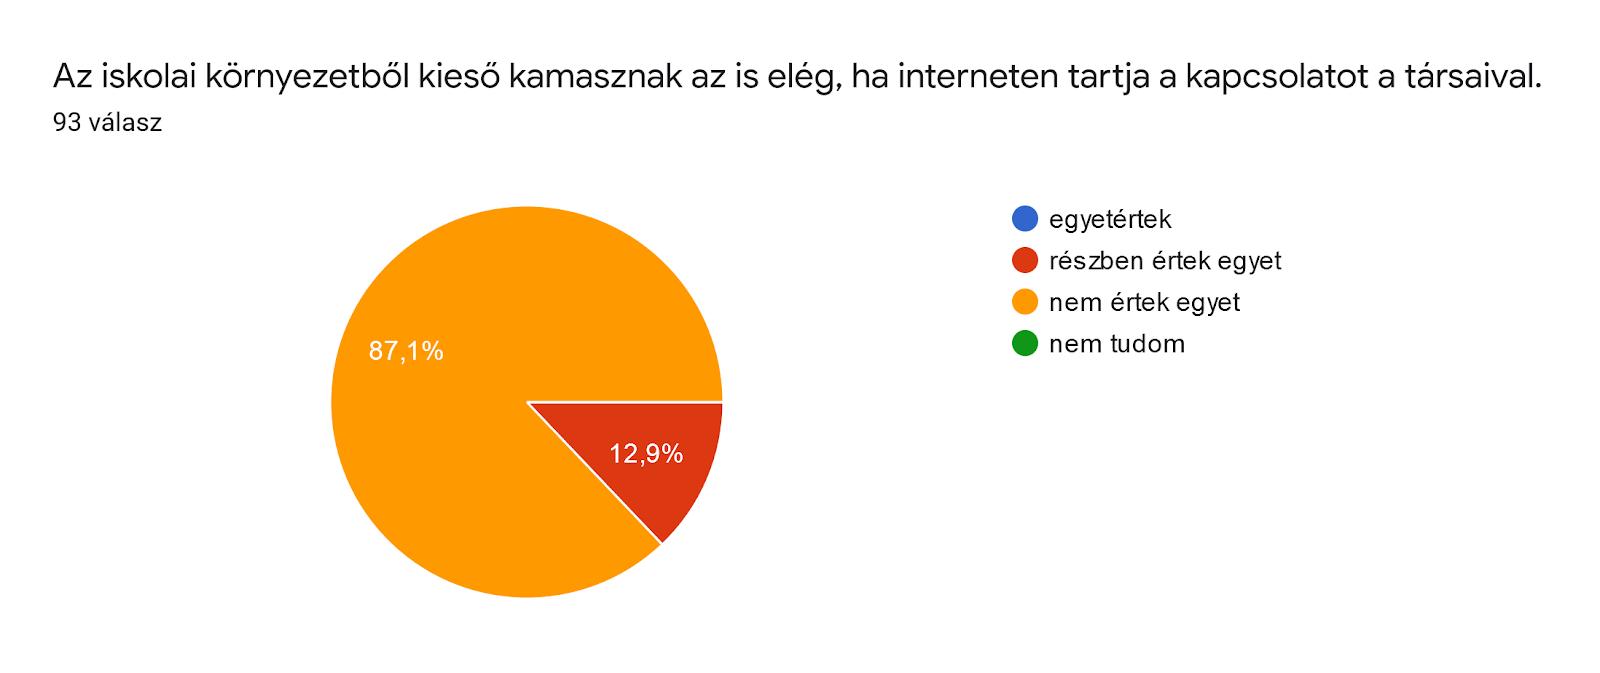 Űrlapok-válaszdiagram. Kérdés címe: Az iskolai környezetből kieső kamasznak az is elég, ha interneten tartja a kapcsolatot a társaival.. Válaszok száma: 93 válasz.